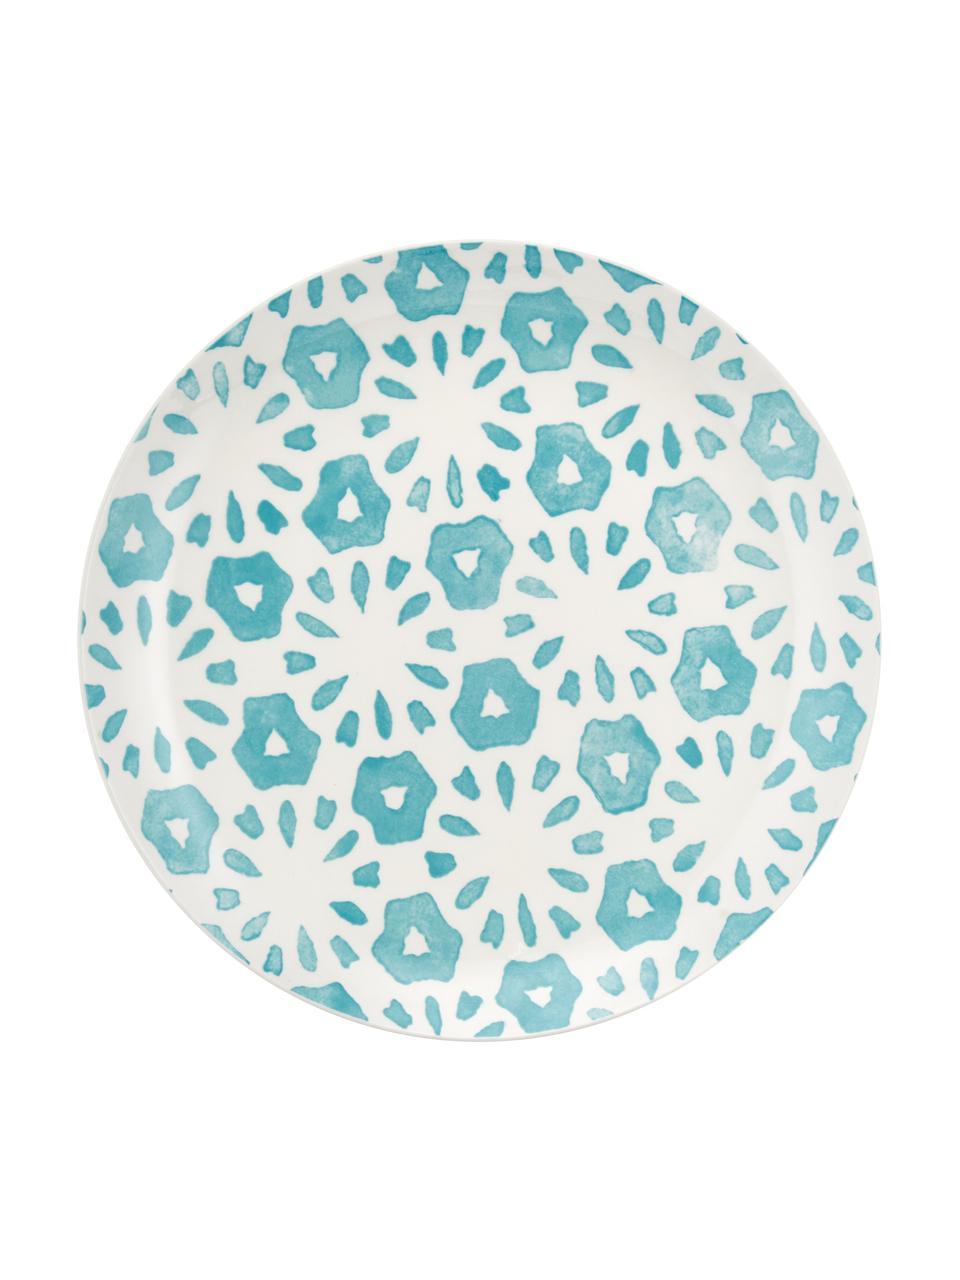 Komplet naczyń  Bodrum, 18 elem., Porcelana, Turkusowy, biały, Komplet z różnymi rozmiarami